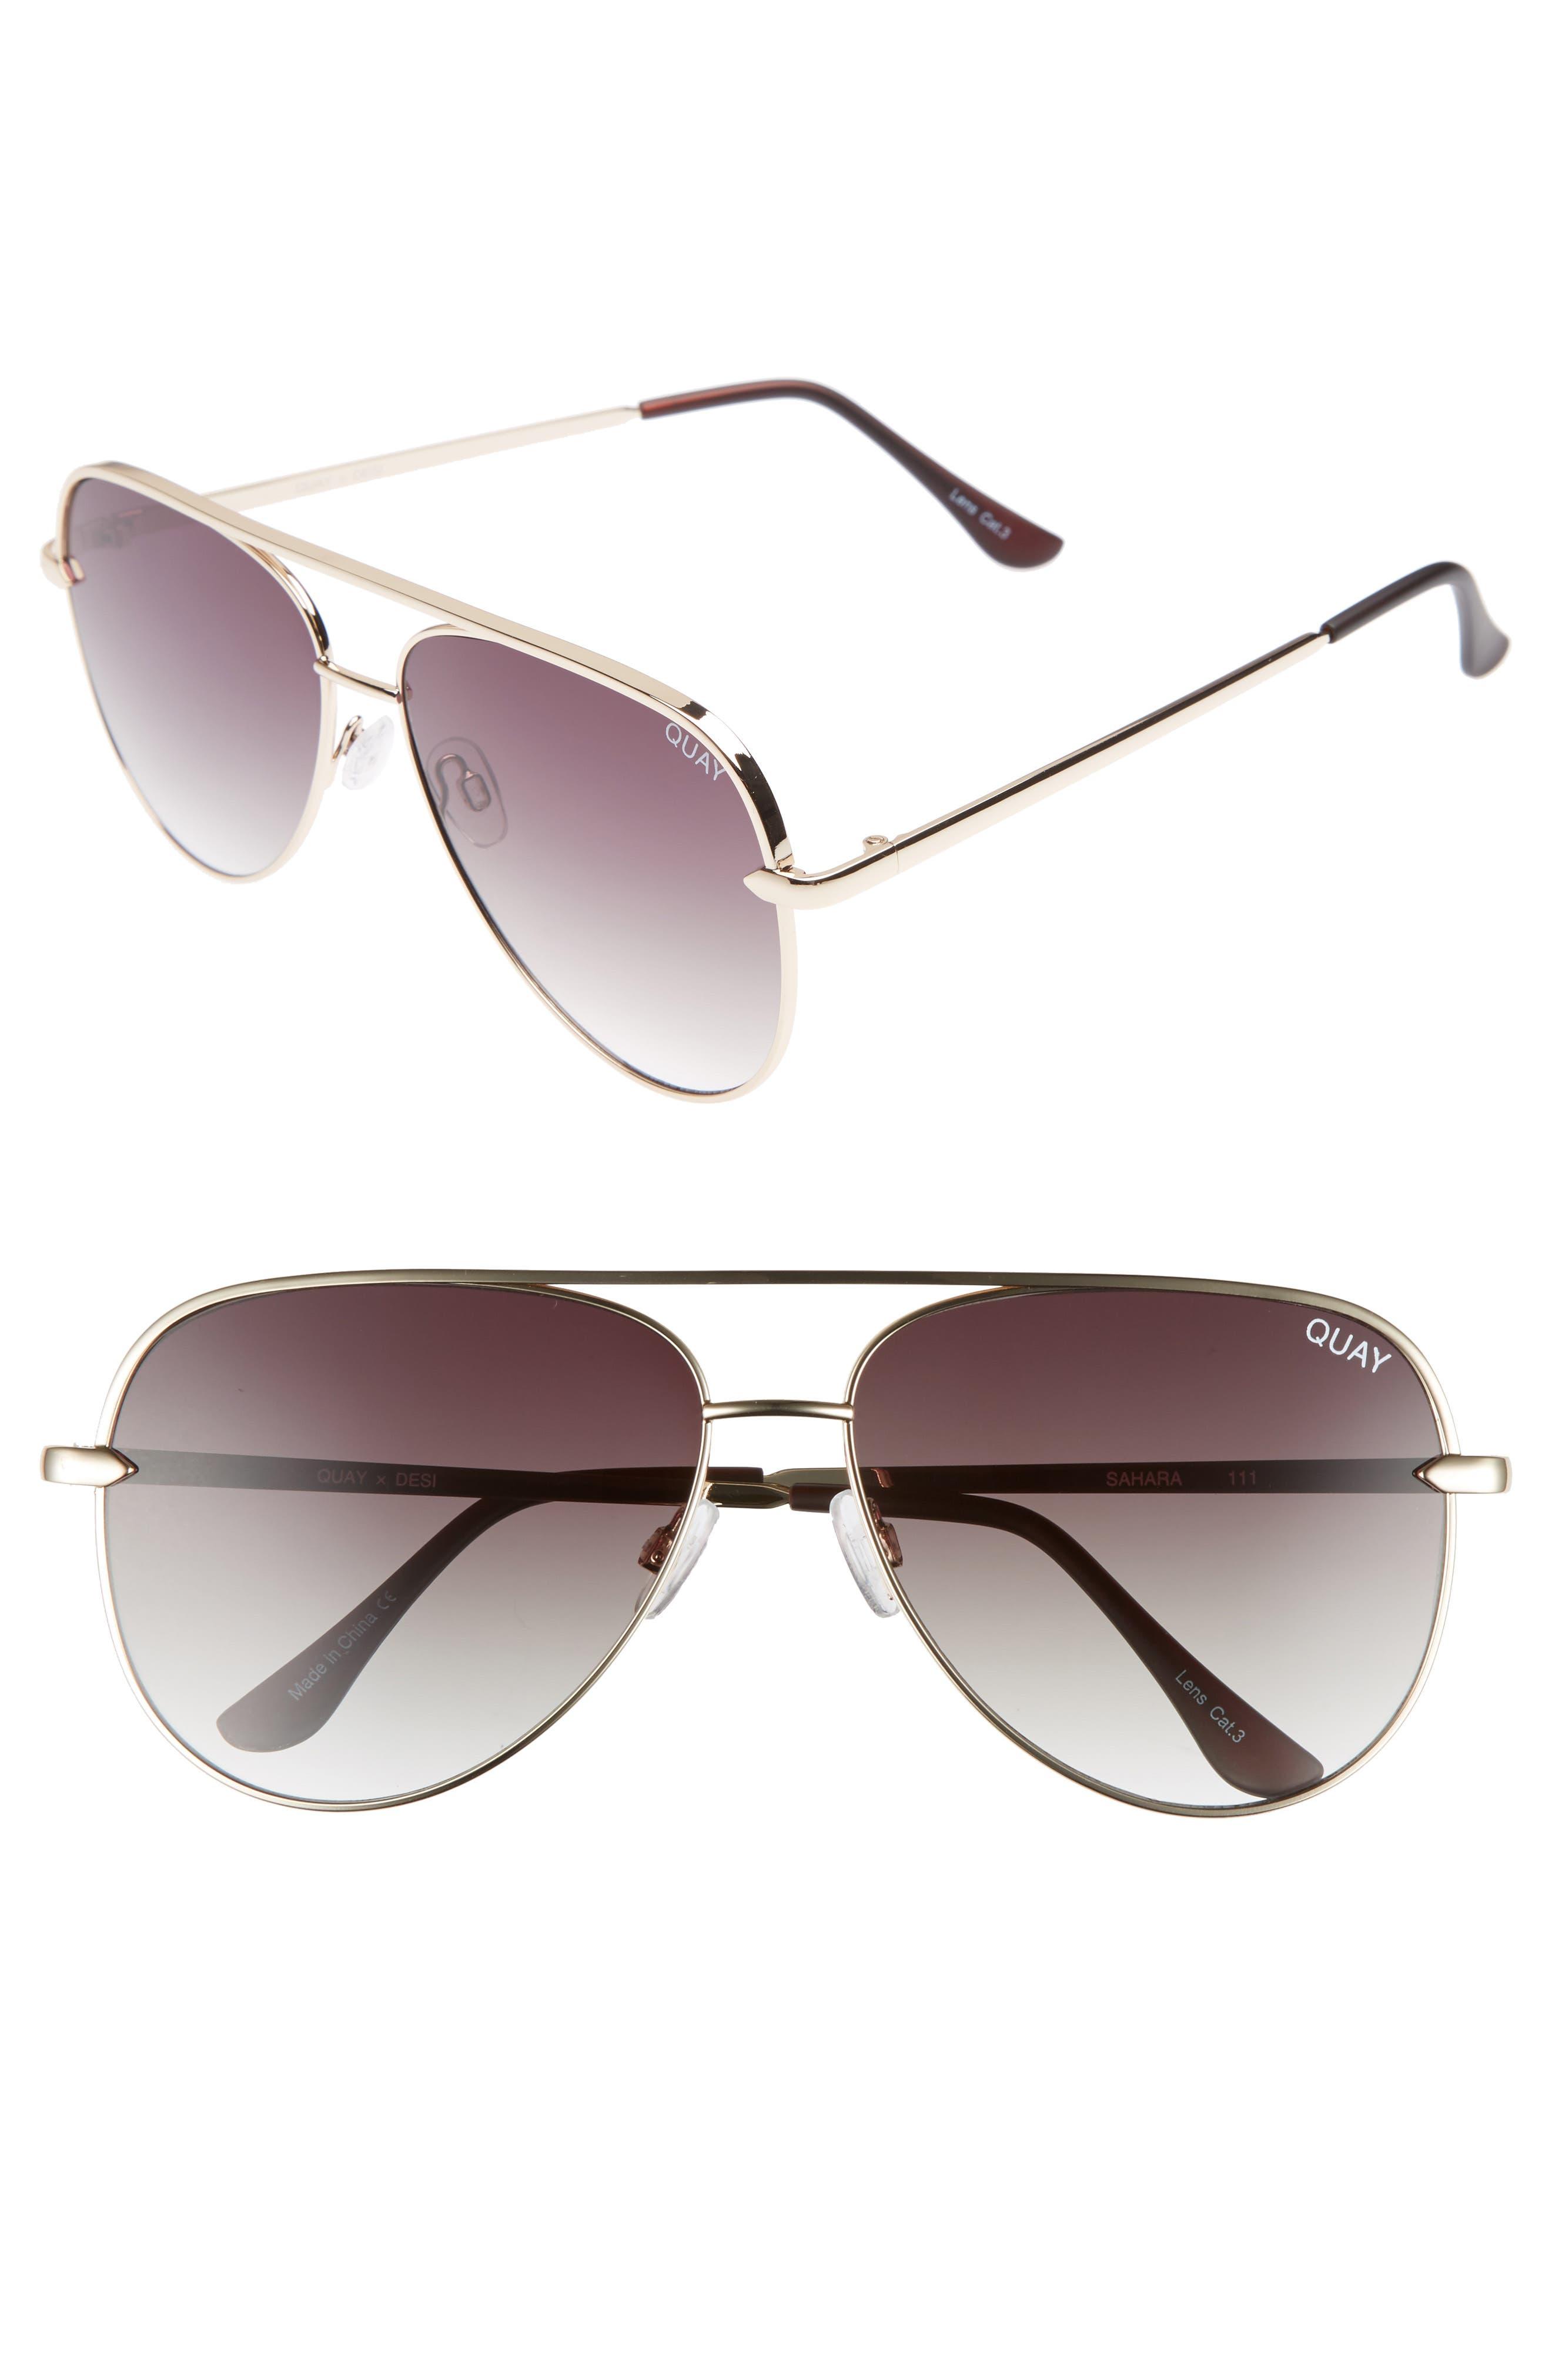 a4c3e7561e0 Quay Australia Sunglasses for Women